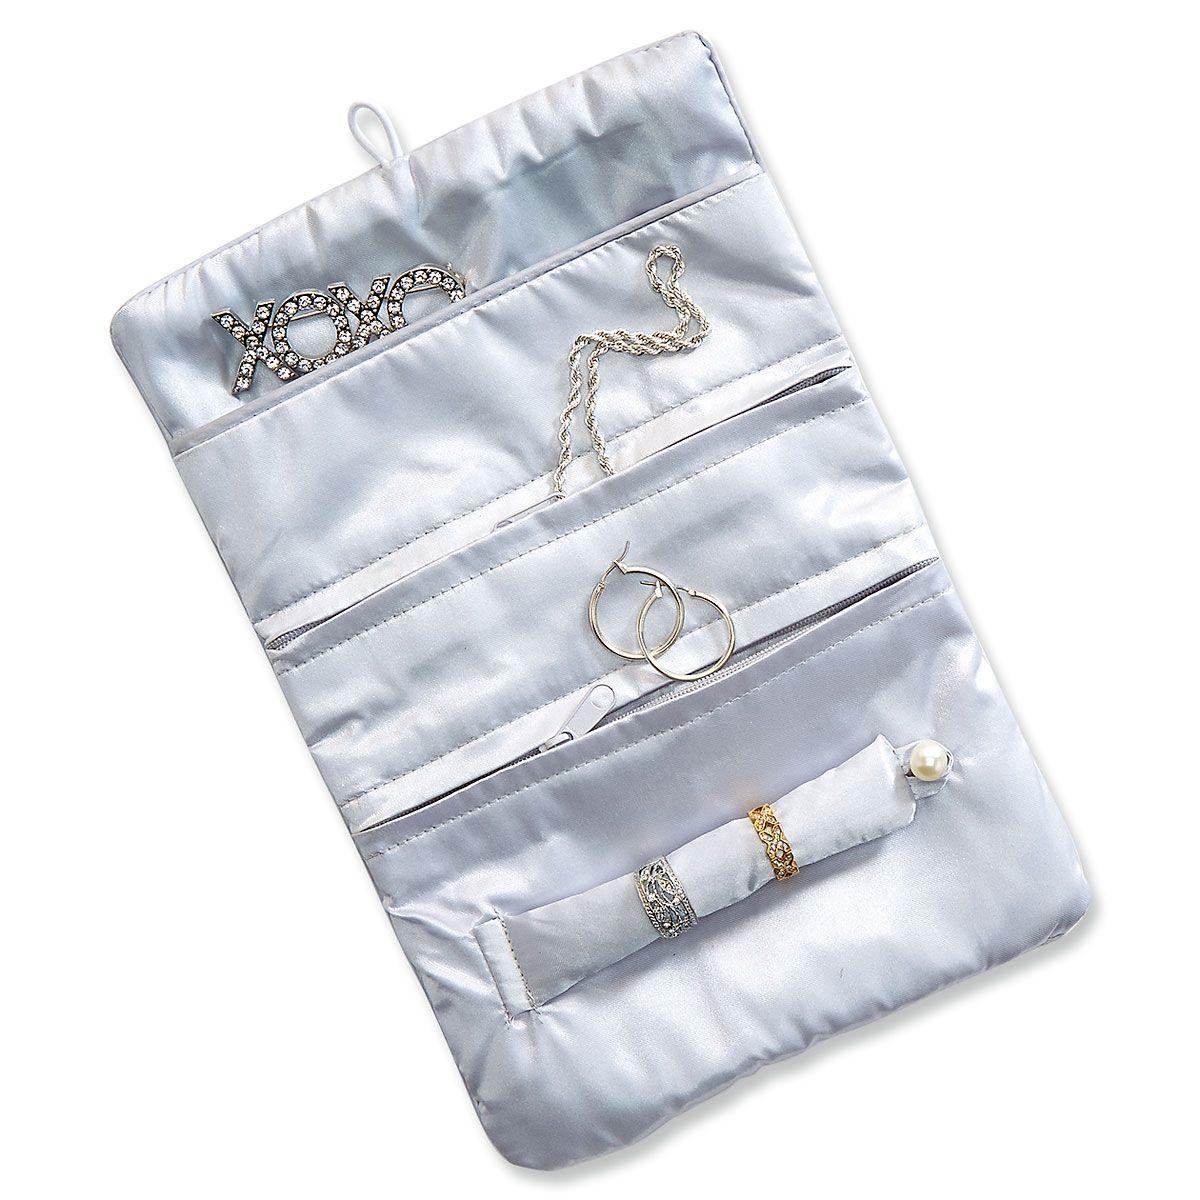 Zig-Zag Jewelry Roll